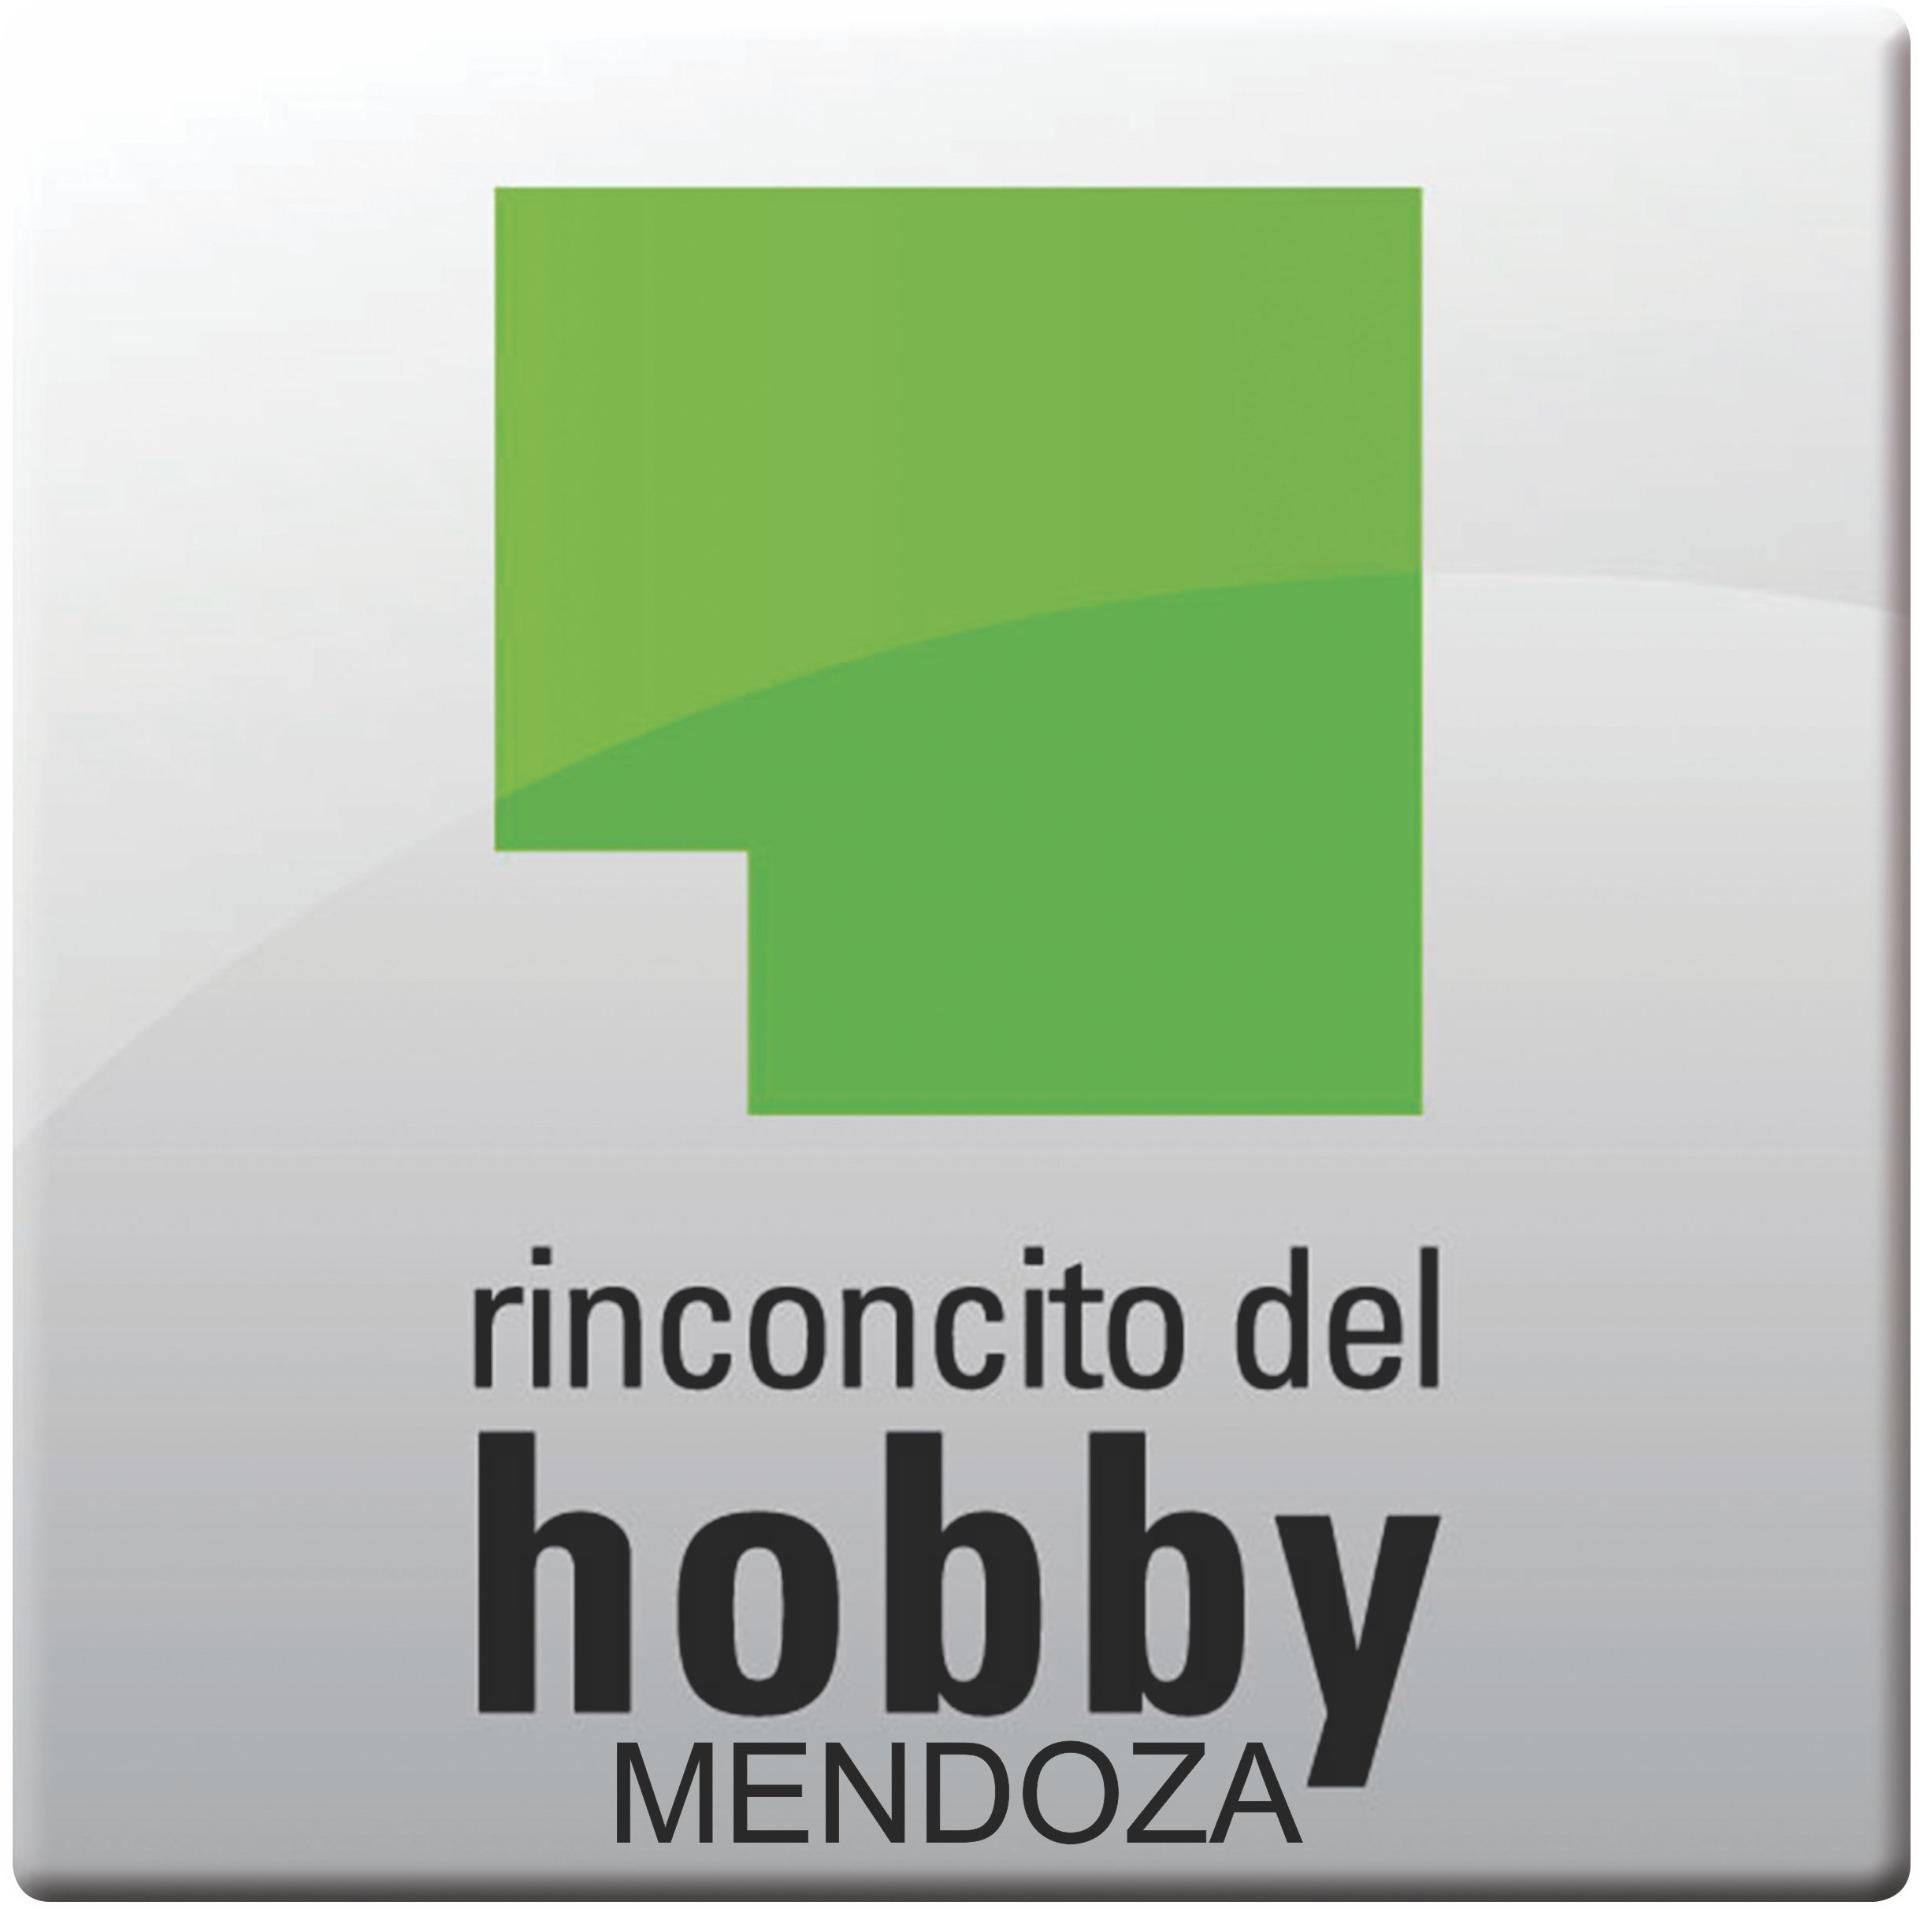 RINCONCITODELHOBBY